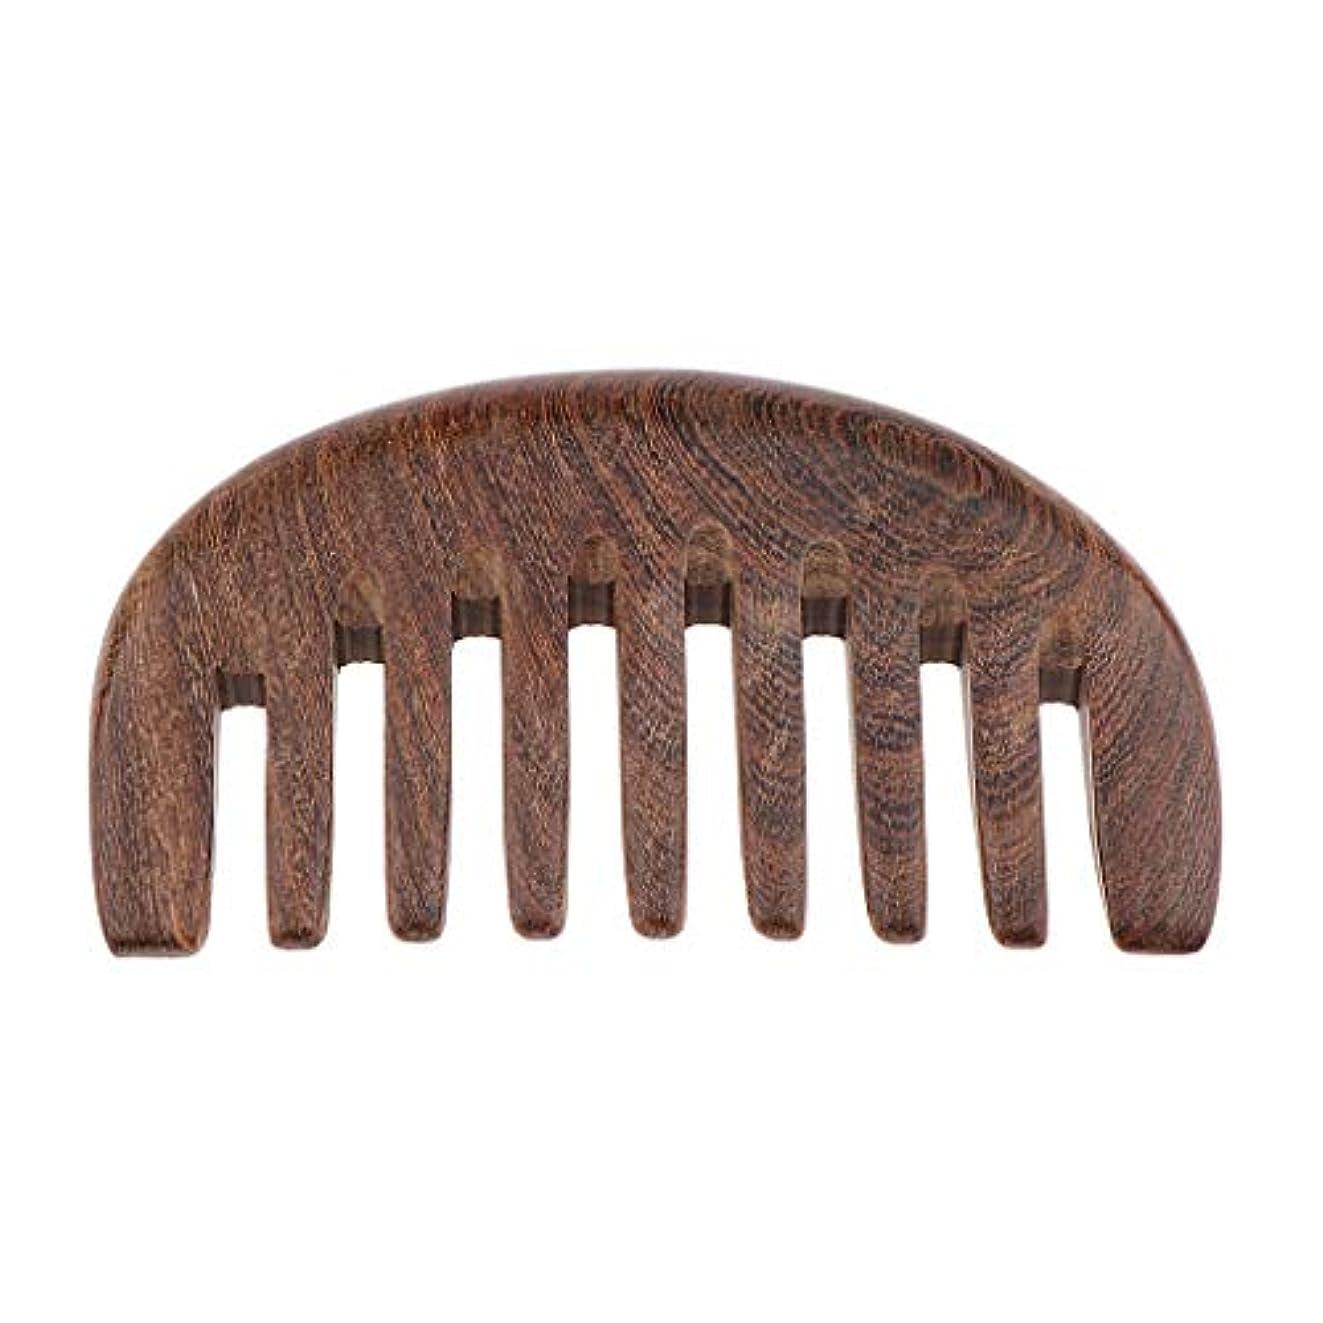 工業用推論バンカー木製ヘアコーム 手作り 櫛 ナチュラル木製 マッサージコーム 3色選べ - クロロフォラ